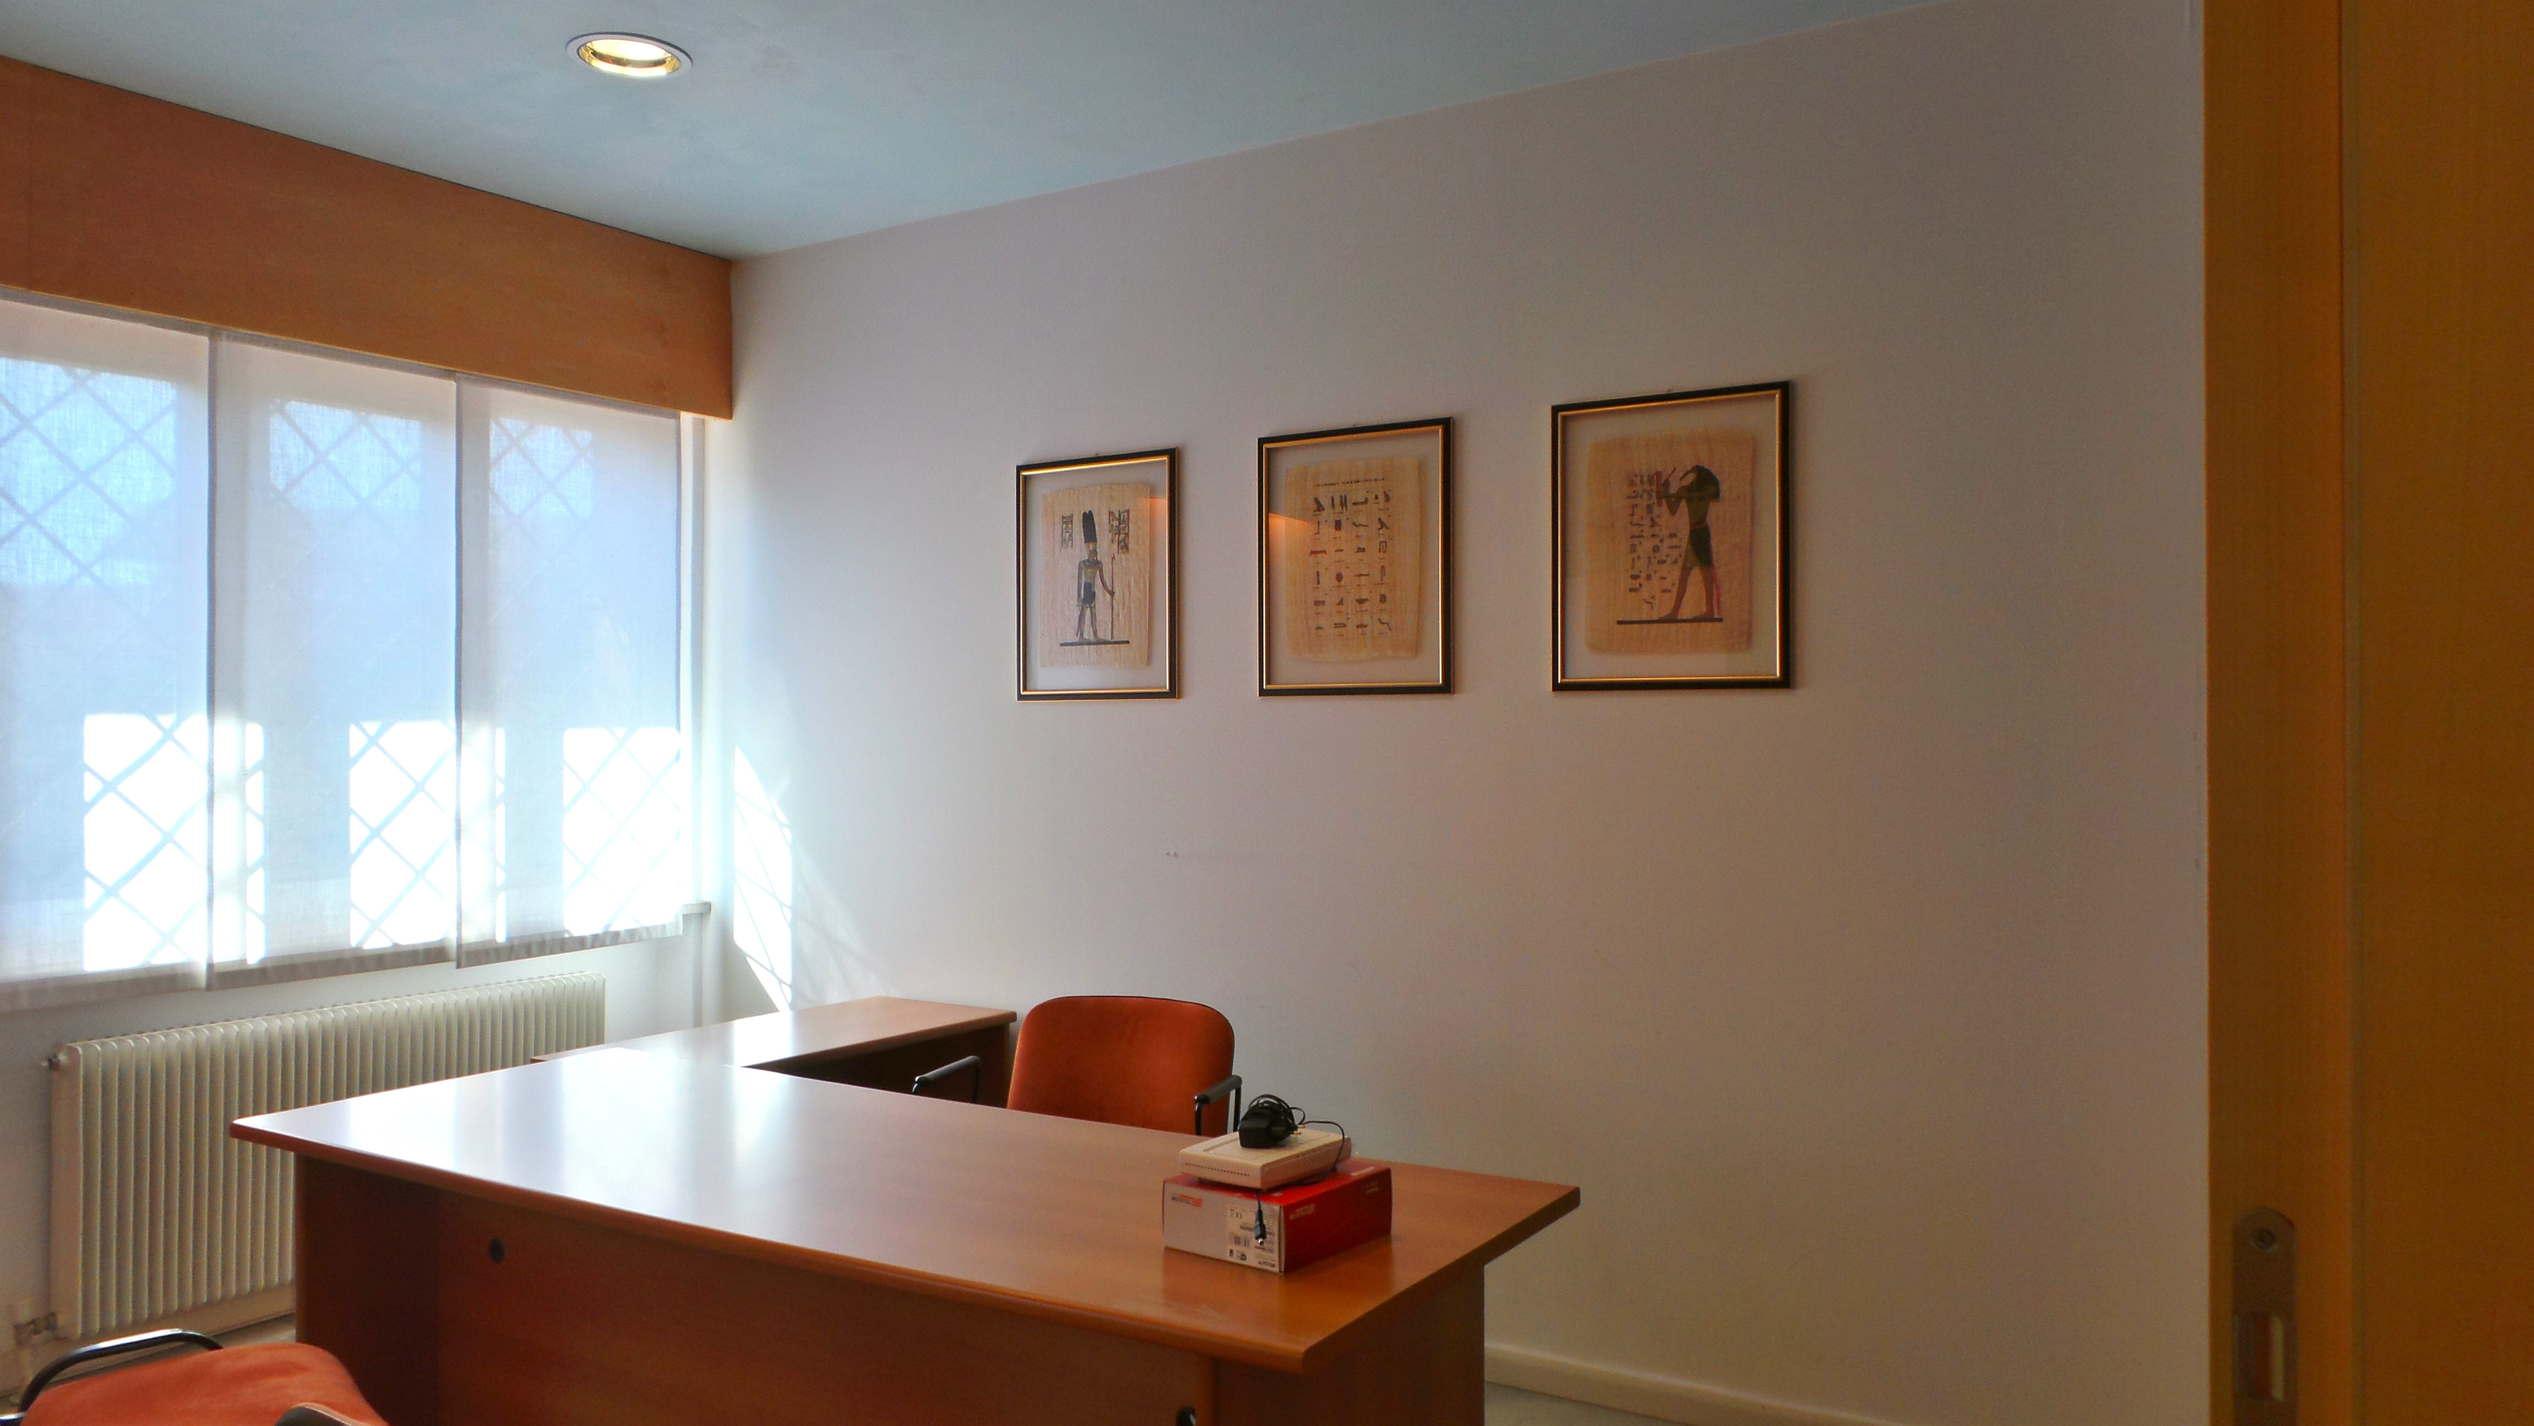 Metri Quadri Minimi Ufficio : Ufficio arredato a feletto umberto 80 mq luminosissimo e tecnologico